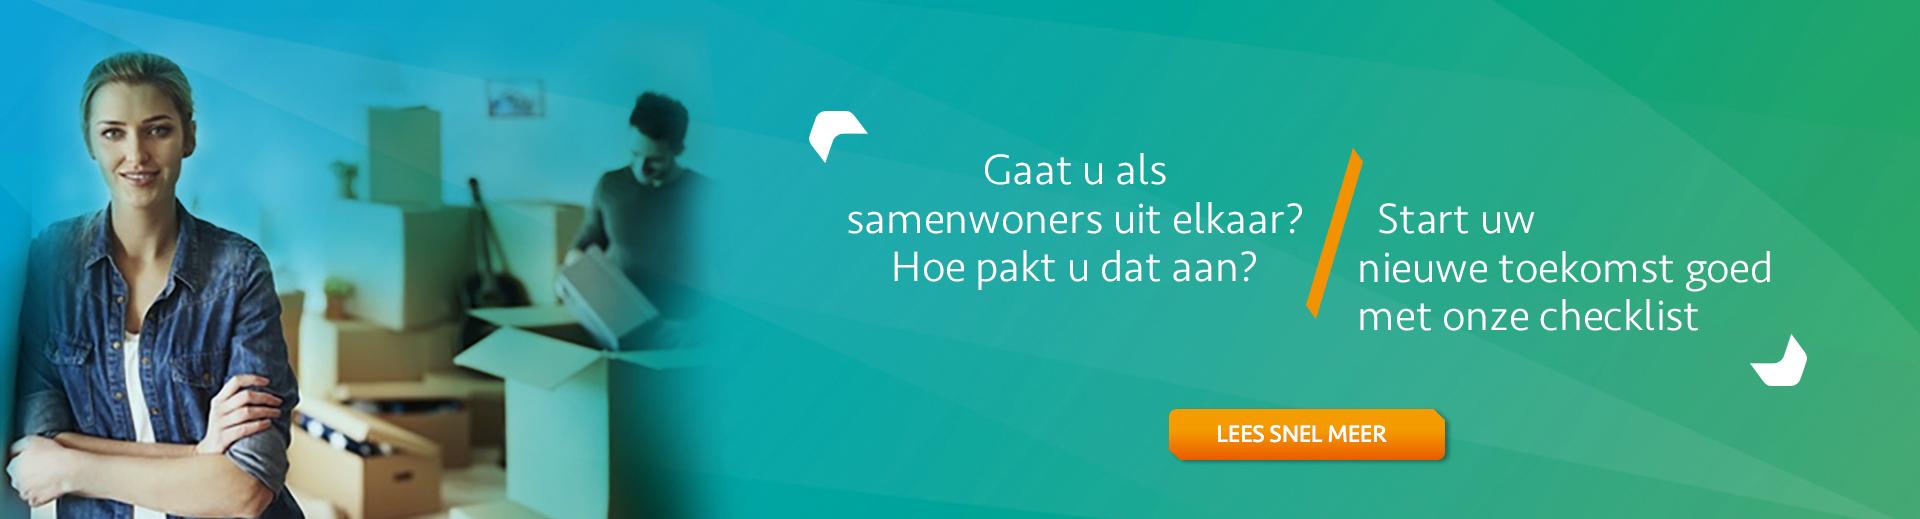 Uit elkaar gaan na samenwonen - Scheidingsplanner Hilversum - Bilthoven - Soest - Het Gooi